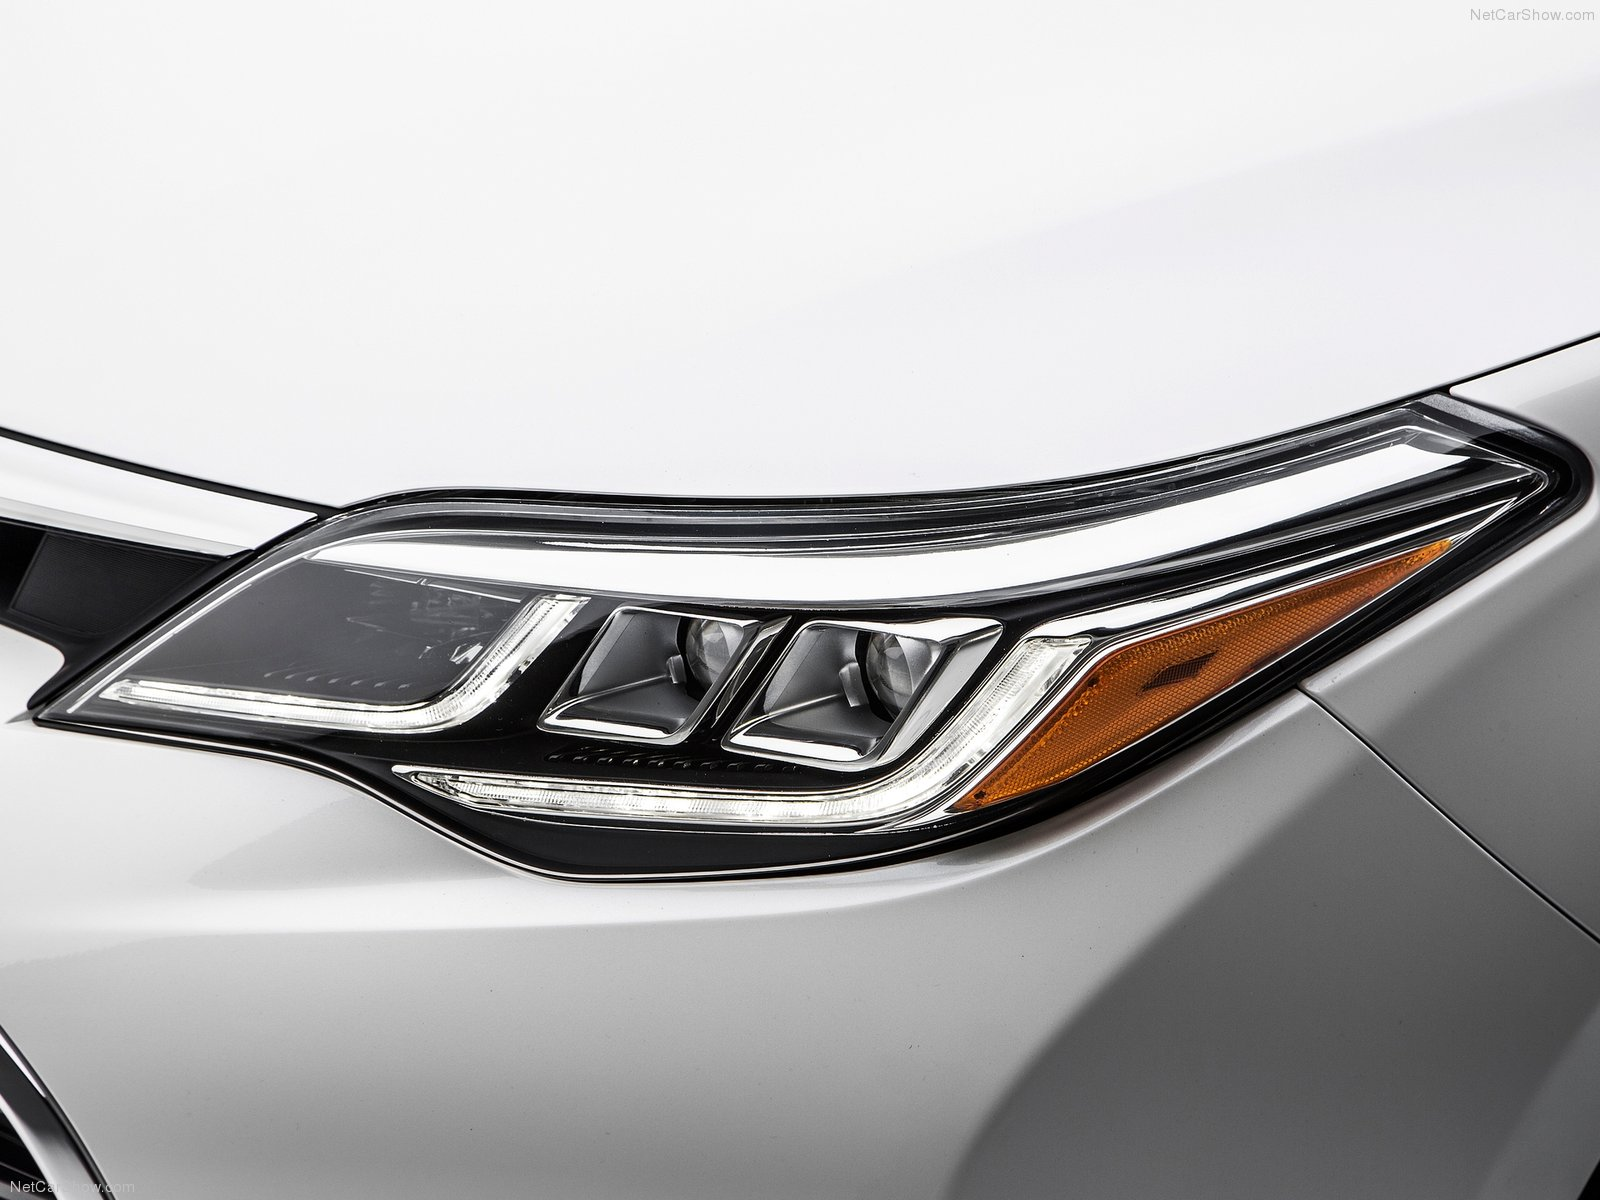 Hình ảnh xe ô tô Toyota Avalon 2016 & nội ngoại thất